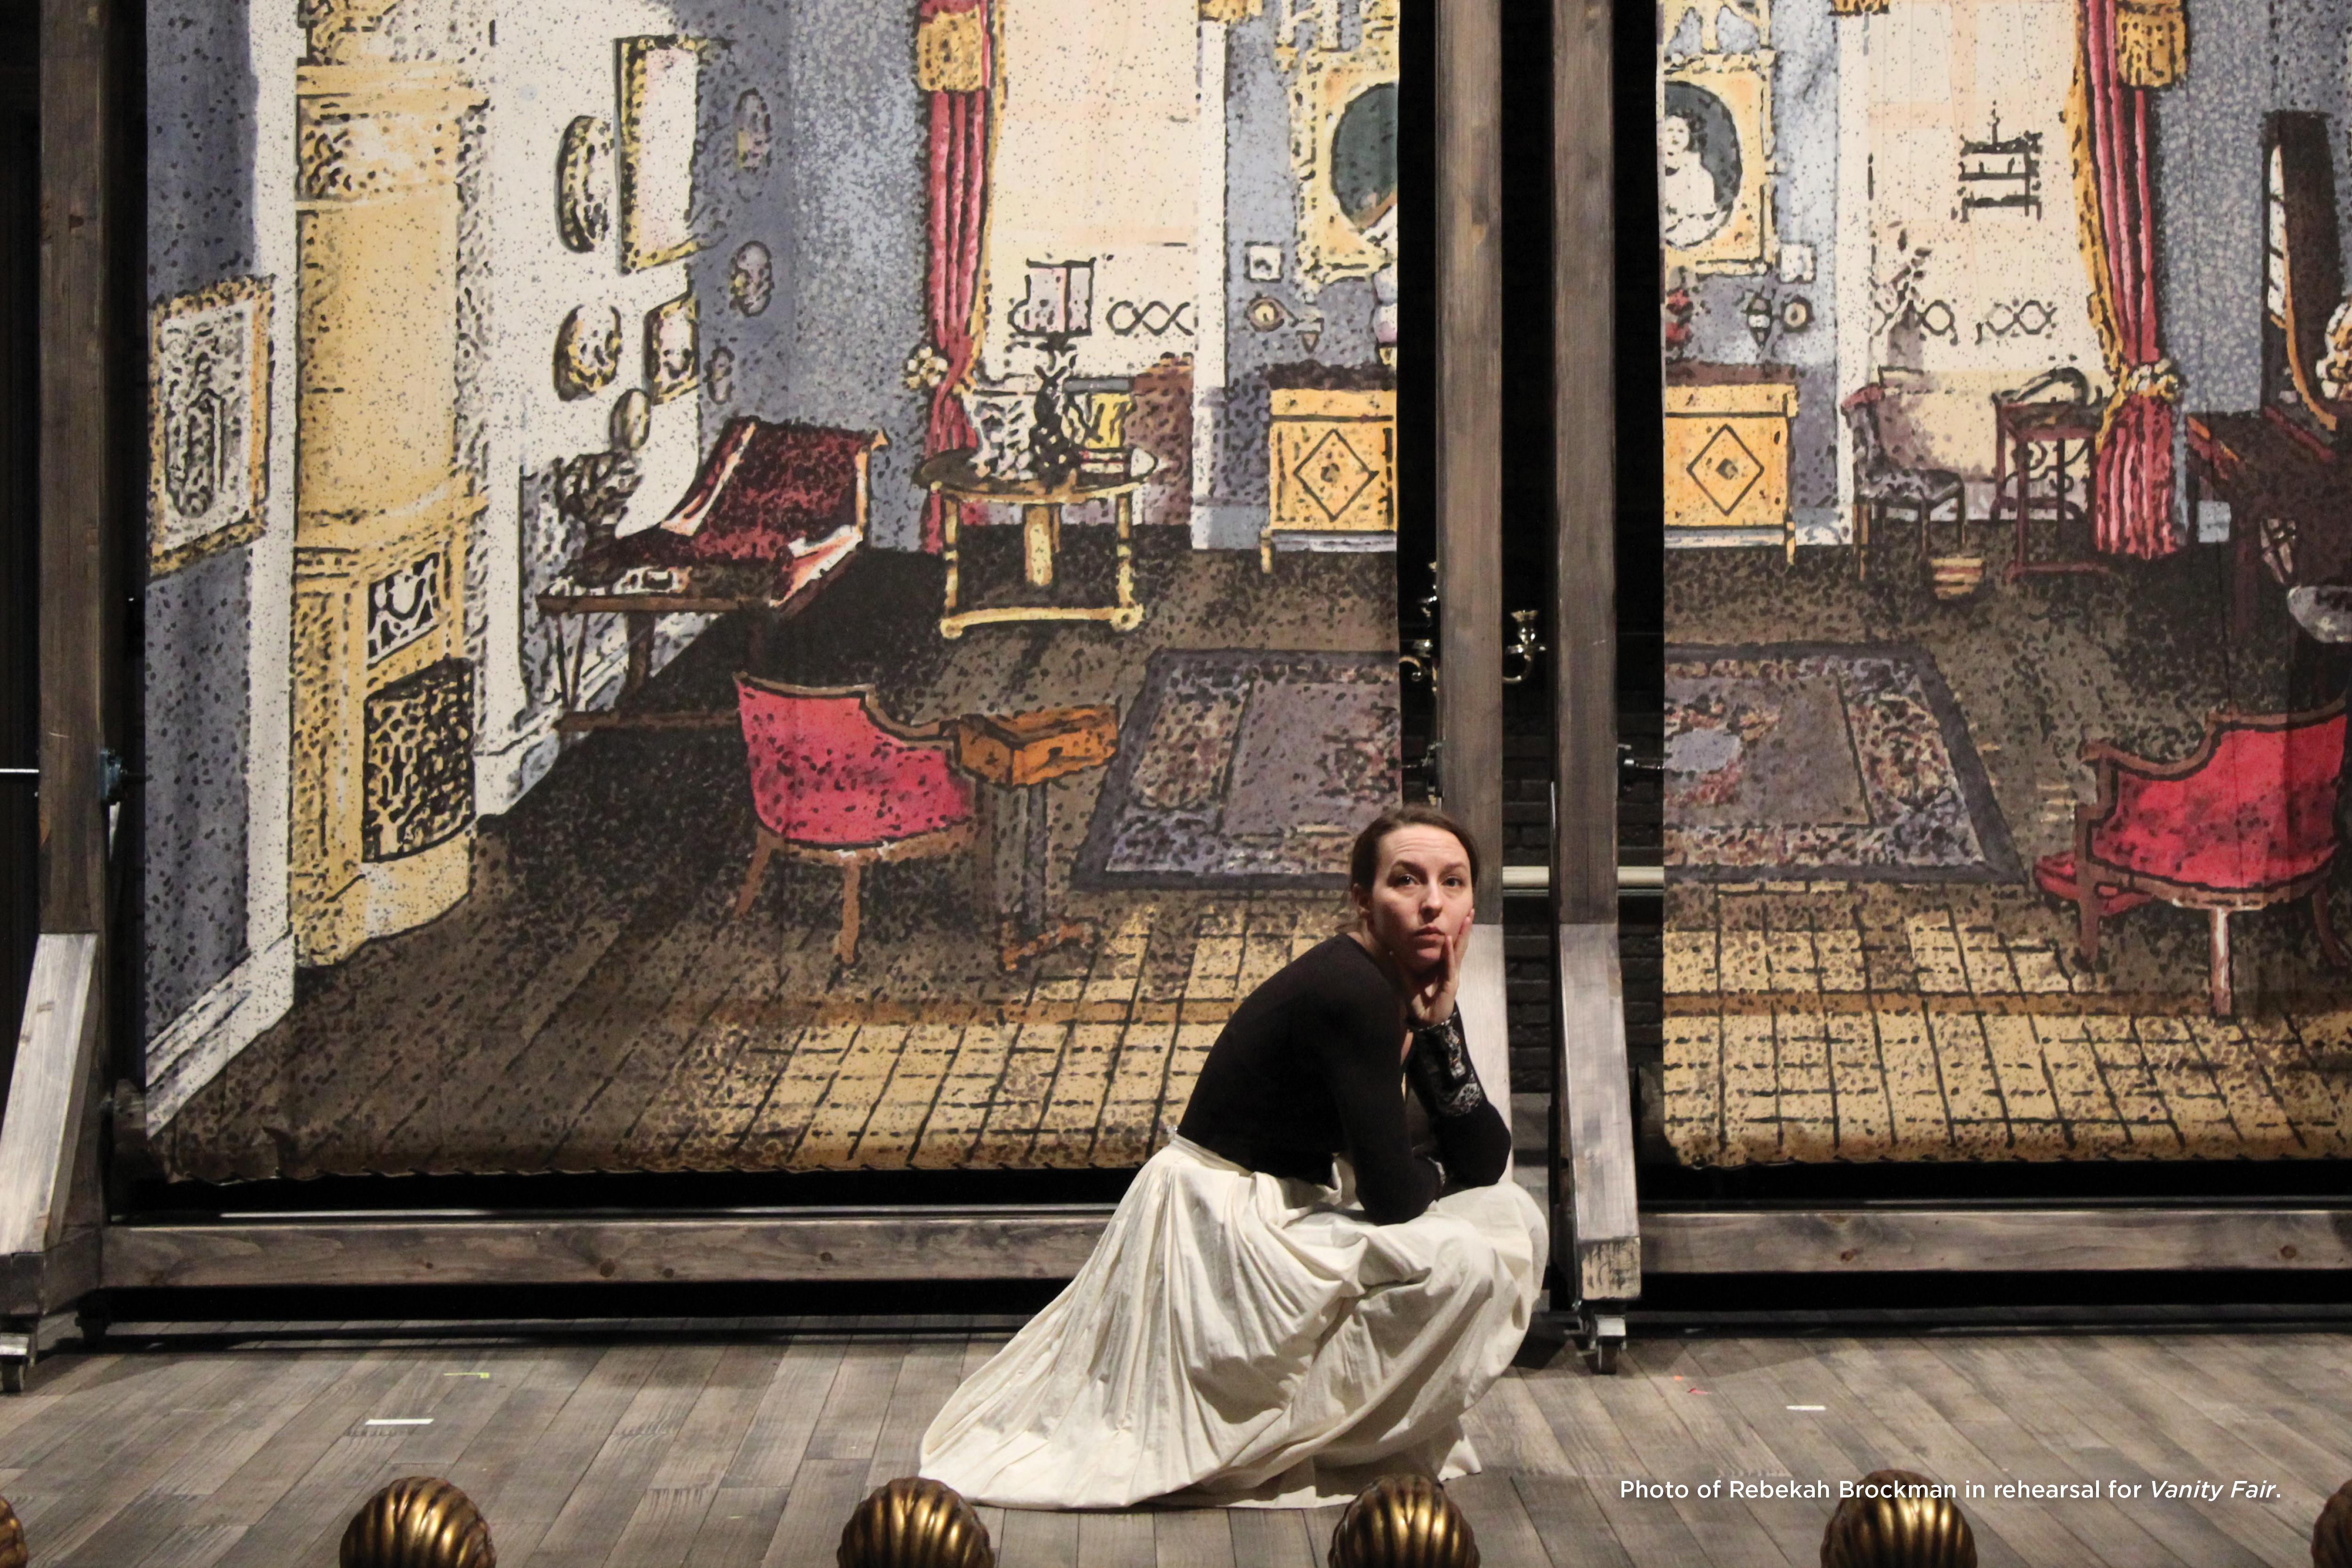 Photo of Rebekah Brockman in rehearsal for Vanity Fair.